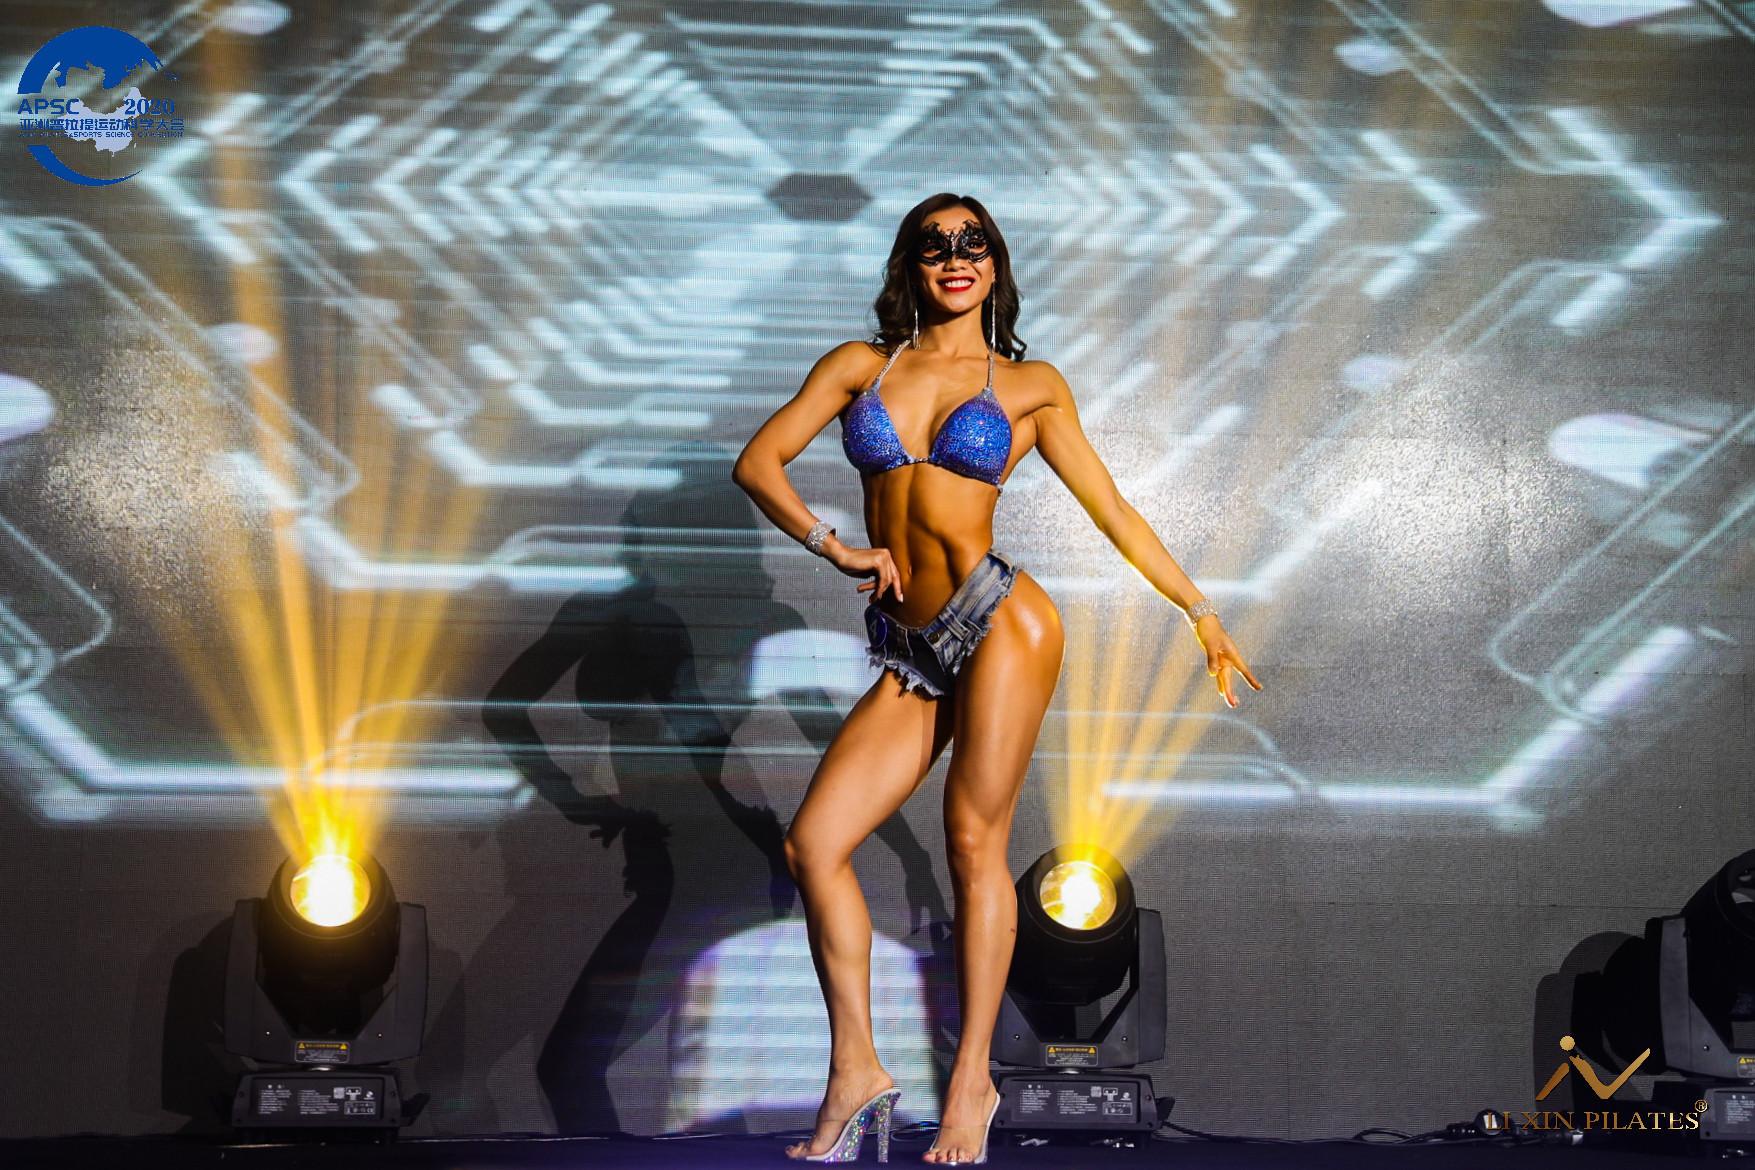 人物专访|佛山力美健教练陈星:原来健身的女人可以这么美